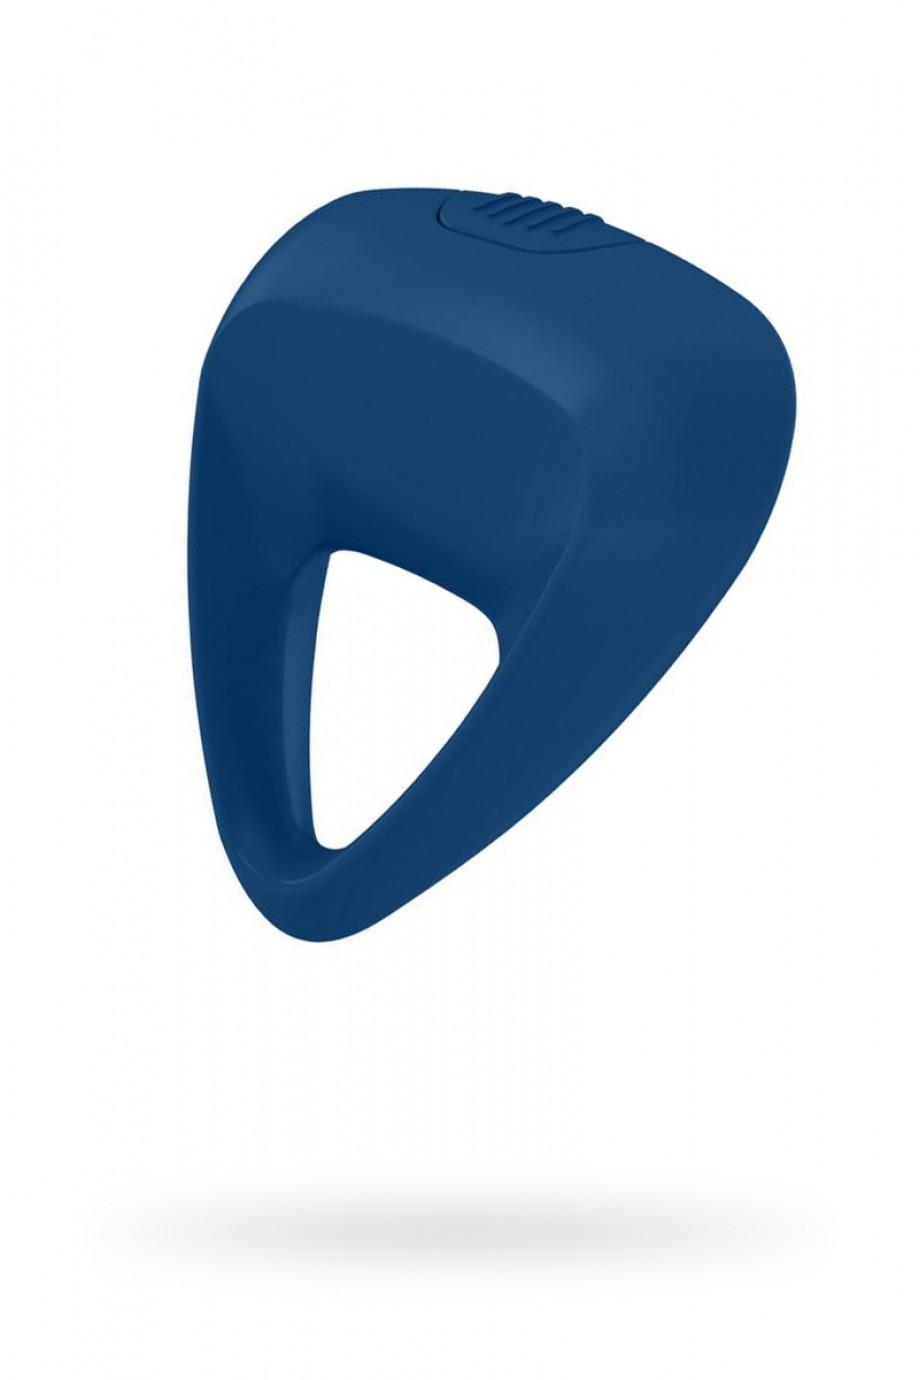 Эрекционное кольцо OVO инновационной трехгранной формы с мощной вибрацией, силиконовое, синее